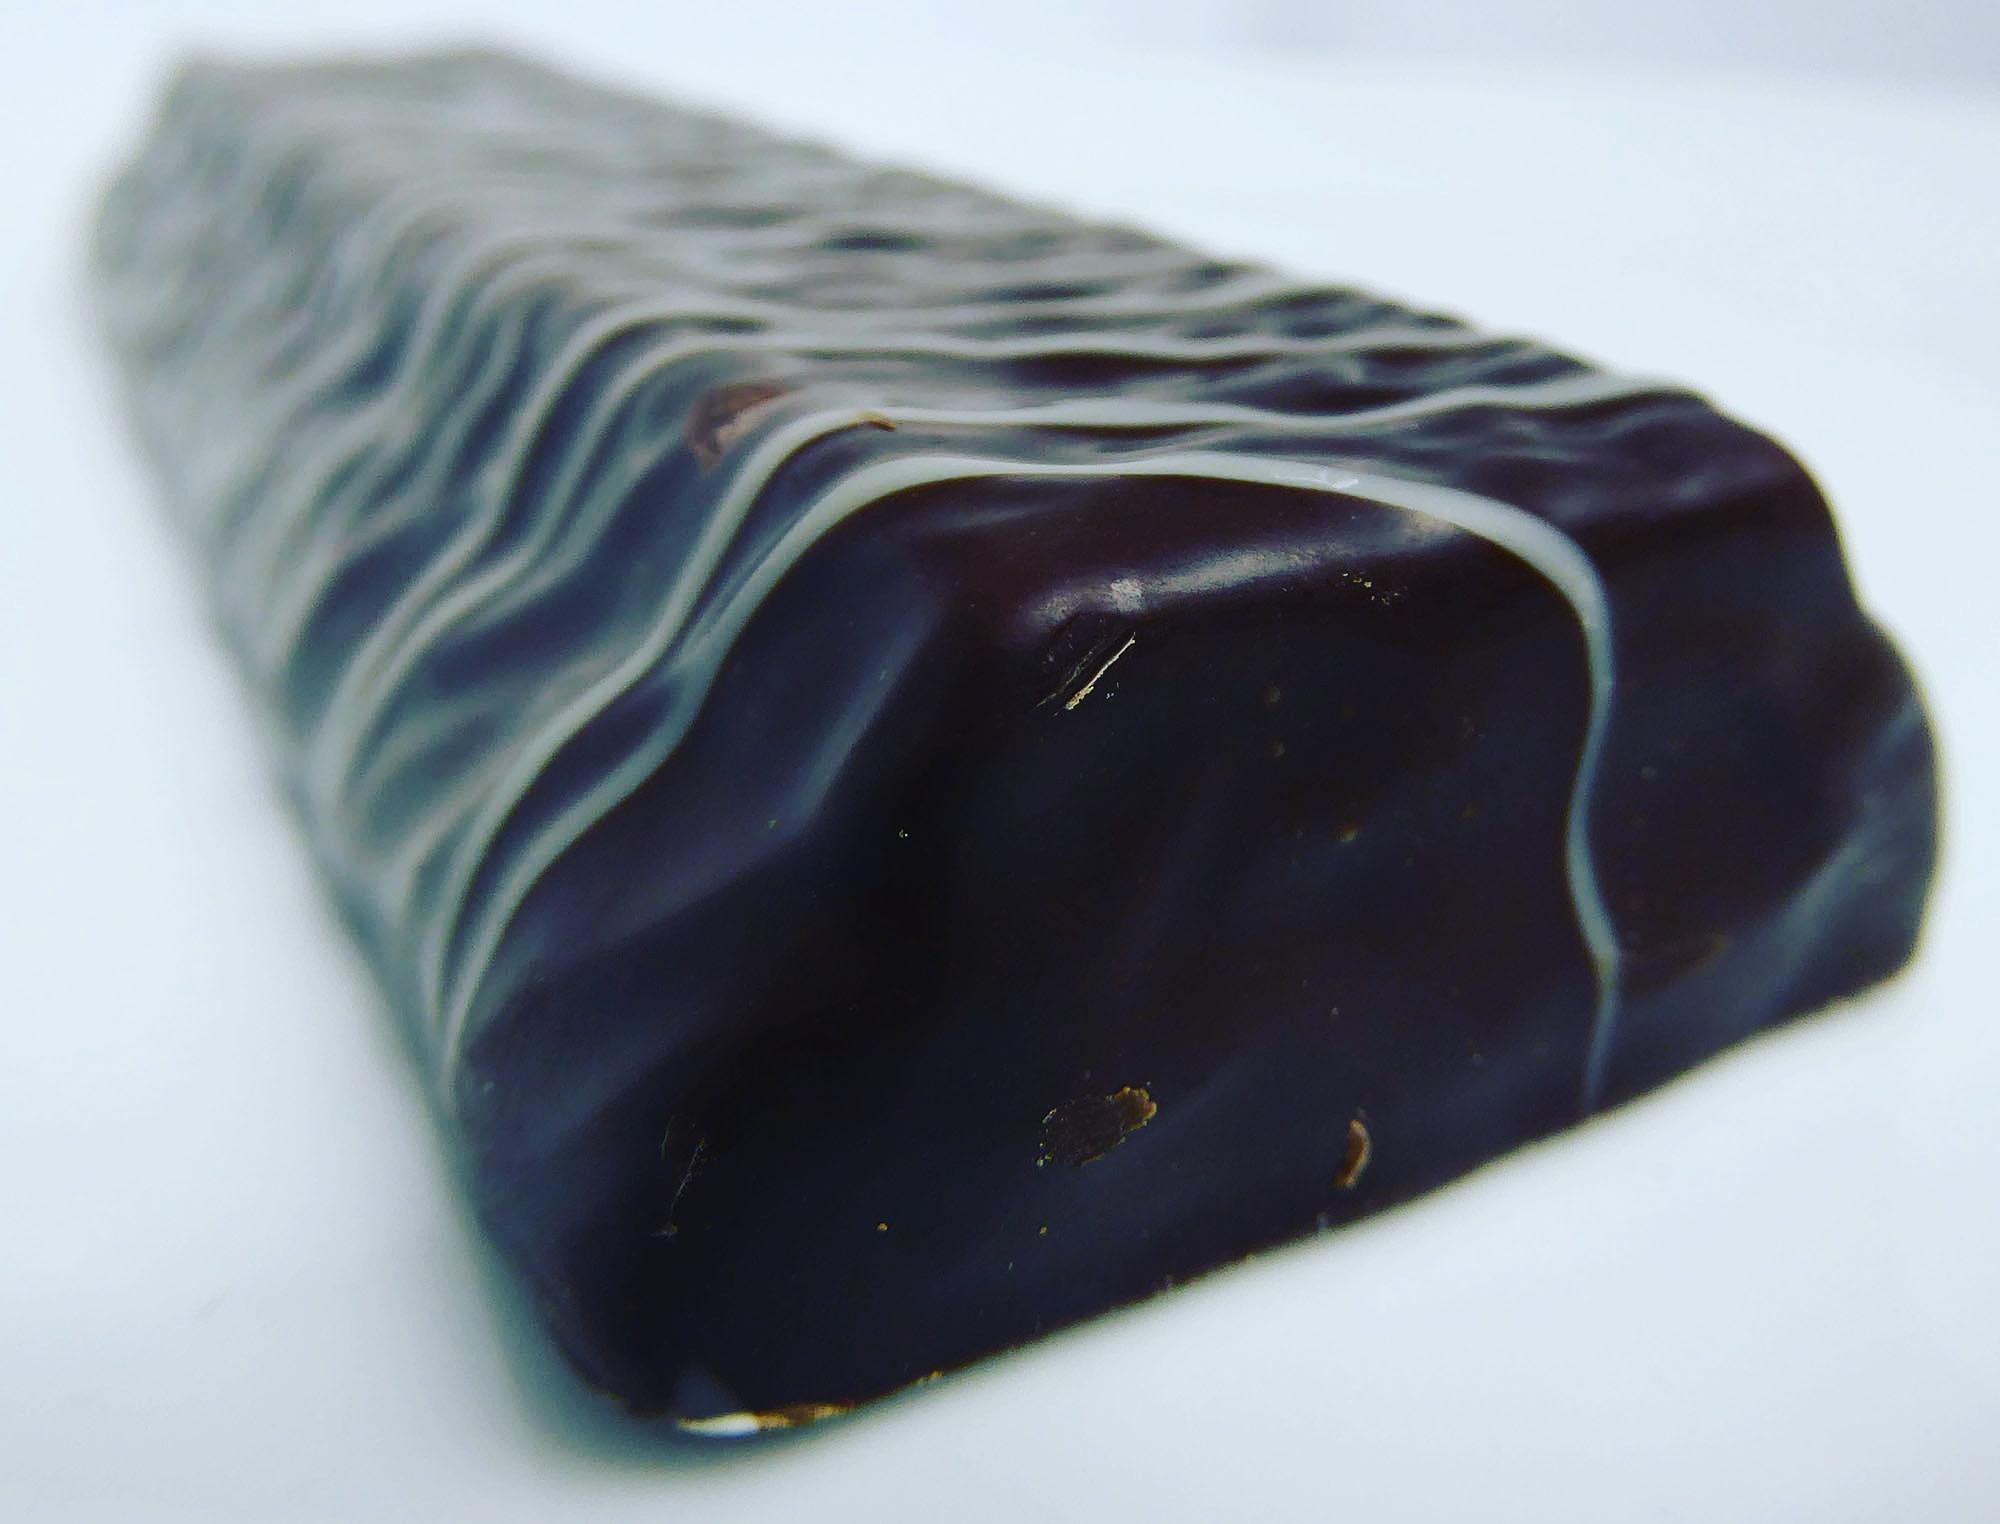 AllStars Hy-Pro Deluxe White Chocolate Crunch Weisse Schokolade Energieriegel Proteinriegel